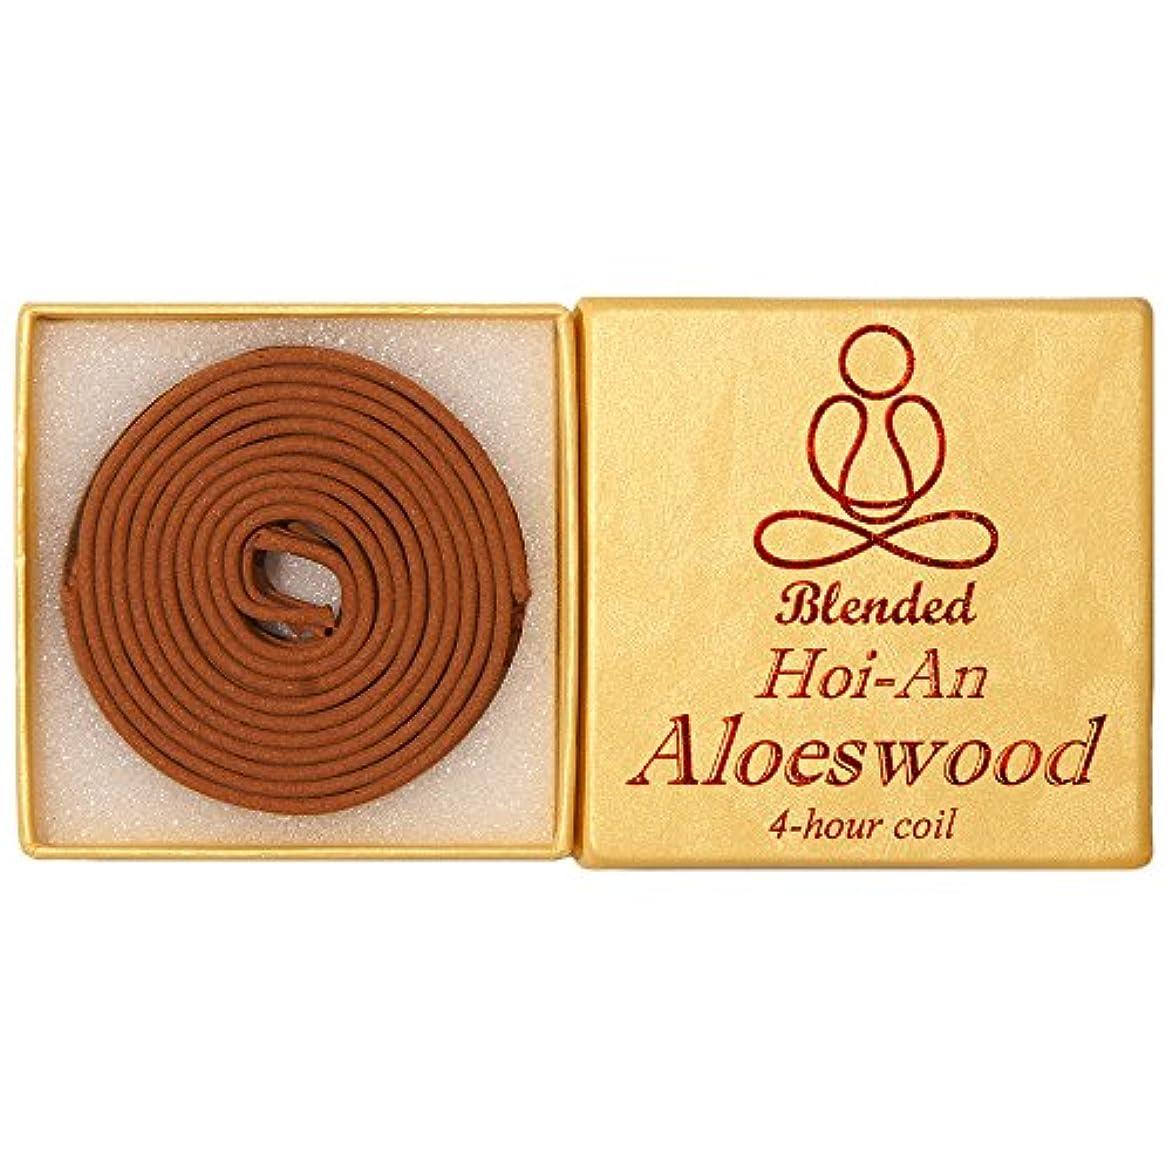 電話をかける一貫したハンドブックBlended Hoi-An Aloeswood - 12 pieces 4-hour Coil - 100% natural - GHC152T